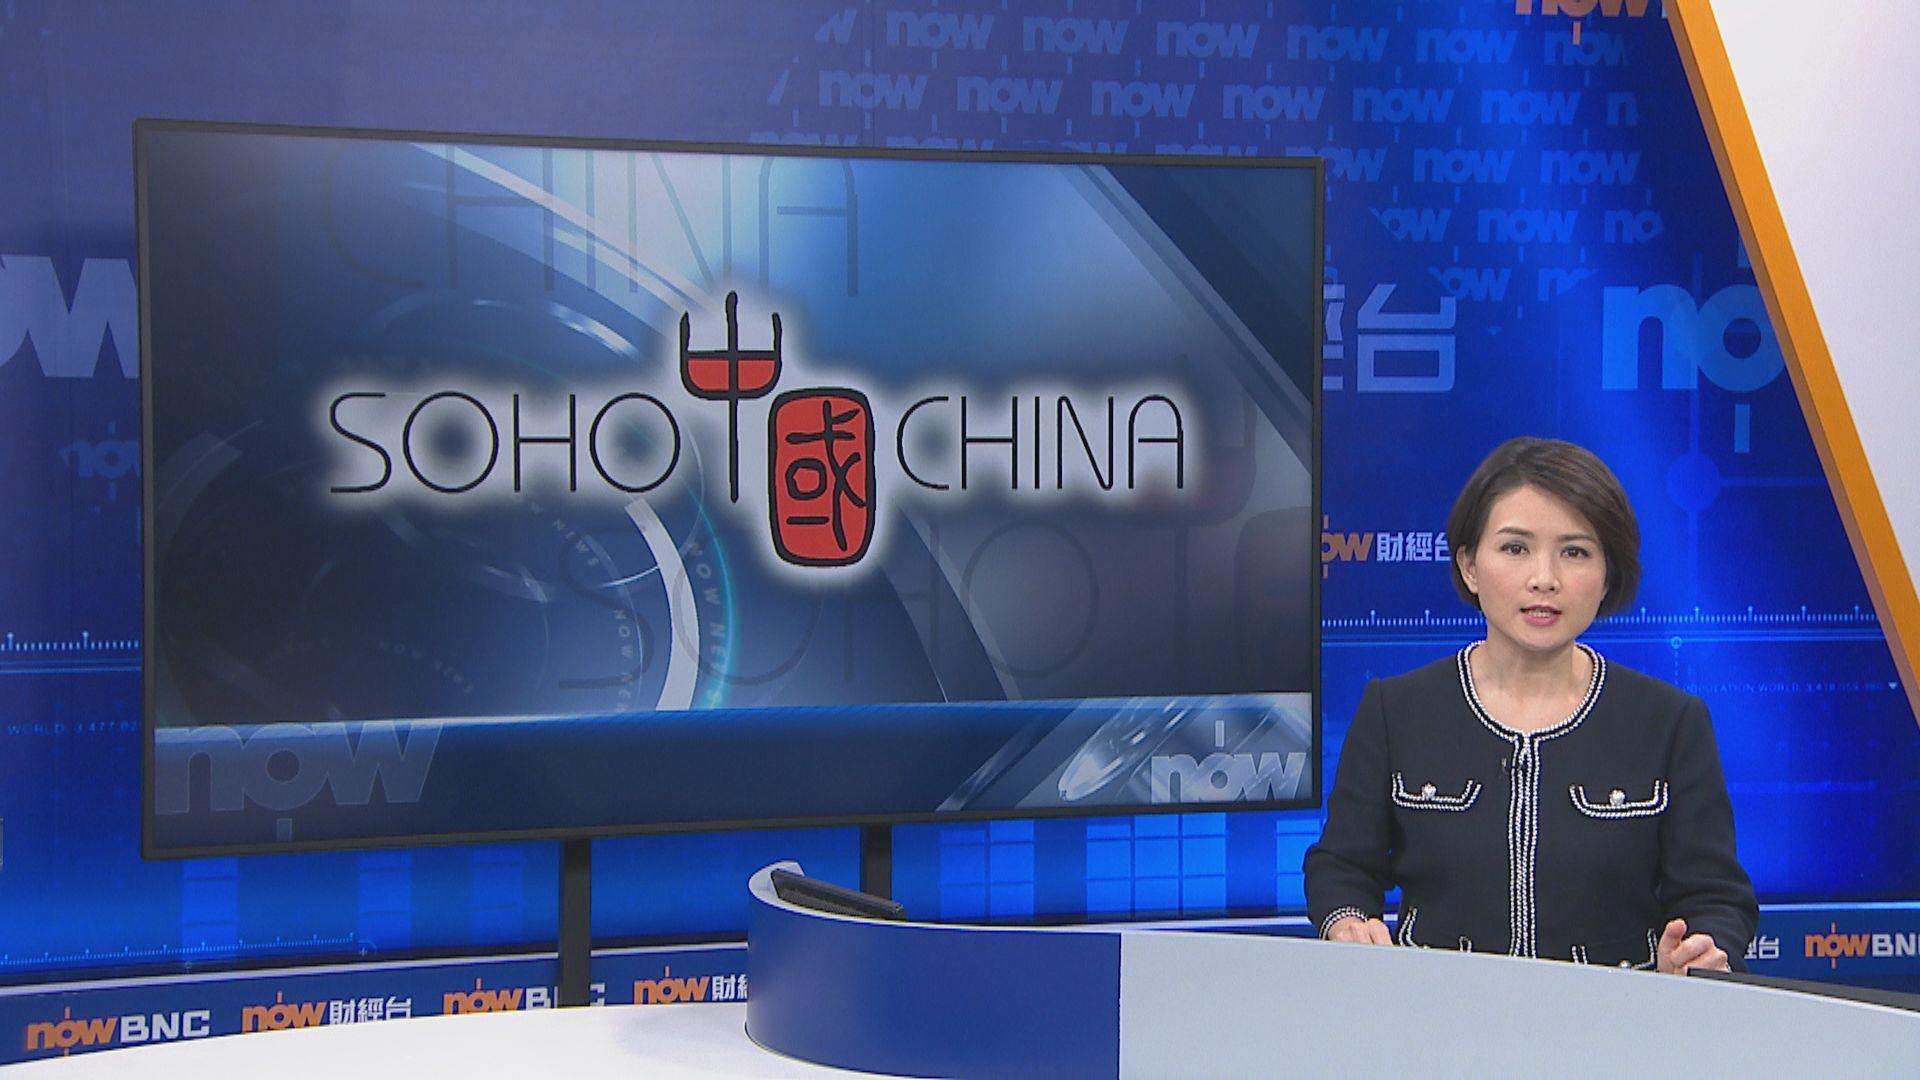 傳黑石私有化SOHO中國計劃陷停滯